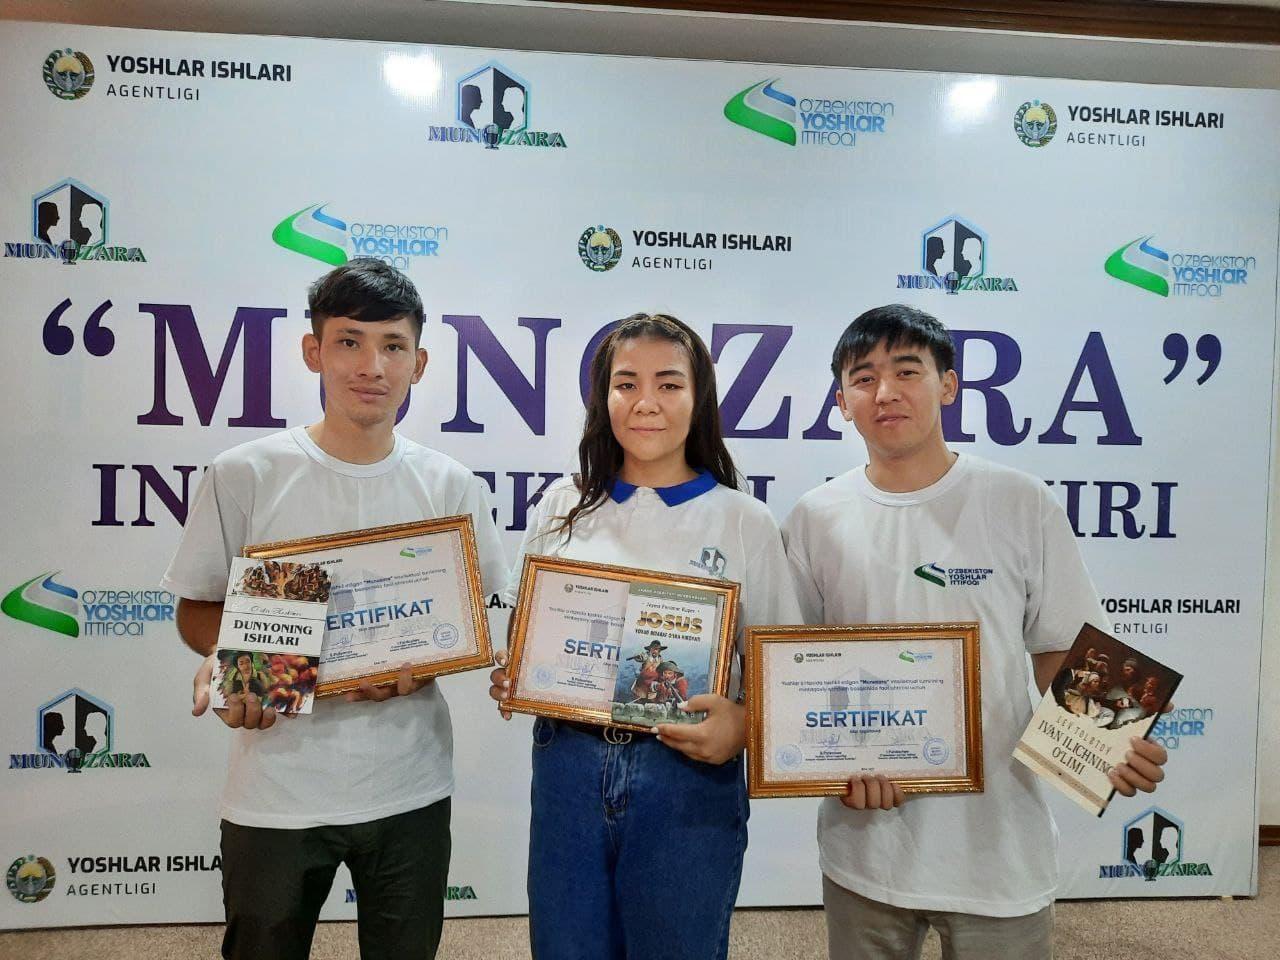 1 2 - Institutimiz talabalari «Munozara» intellektual turnirining Respublika final bosqichiga yoʻllanma oldi